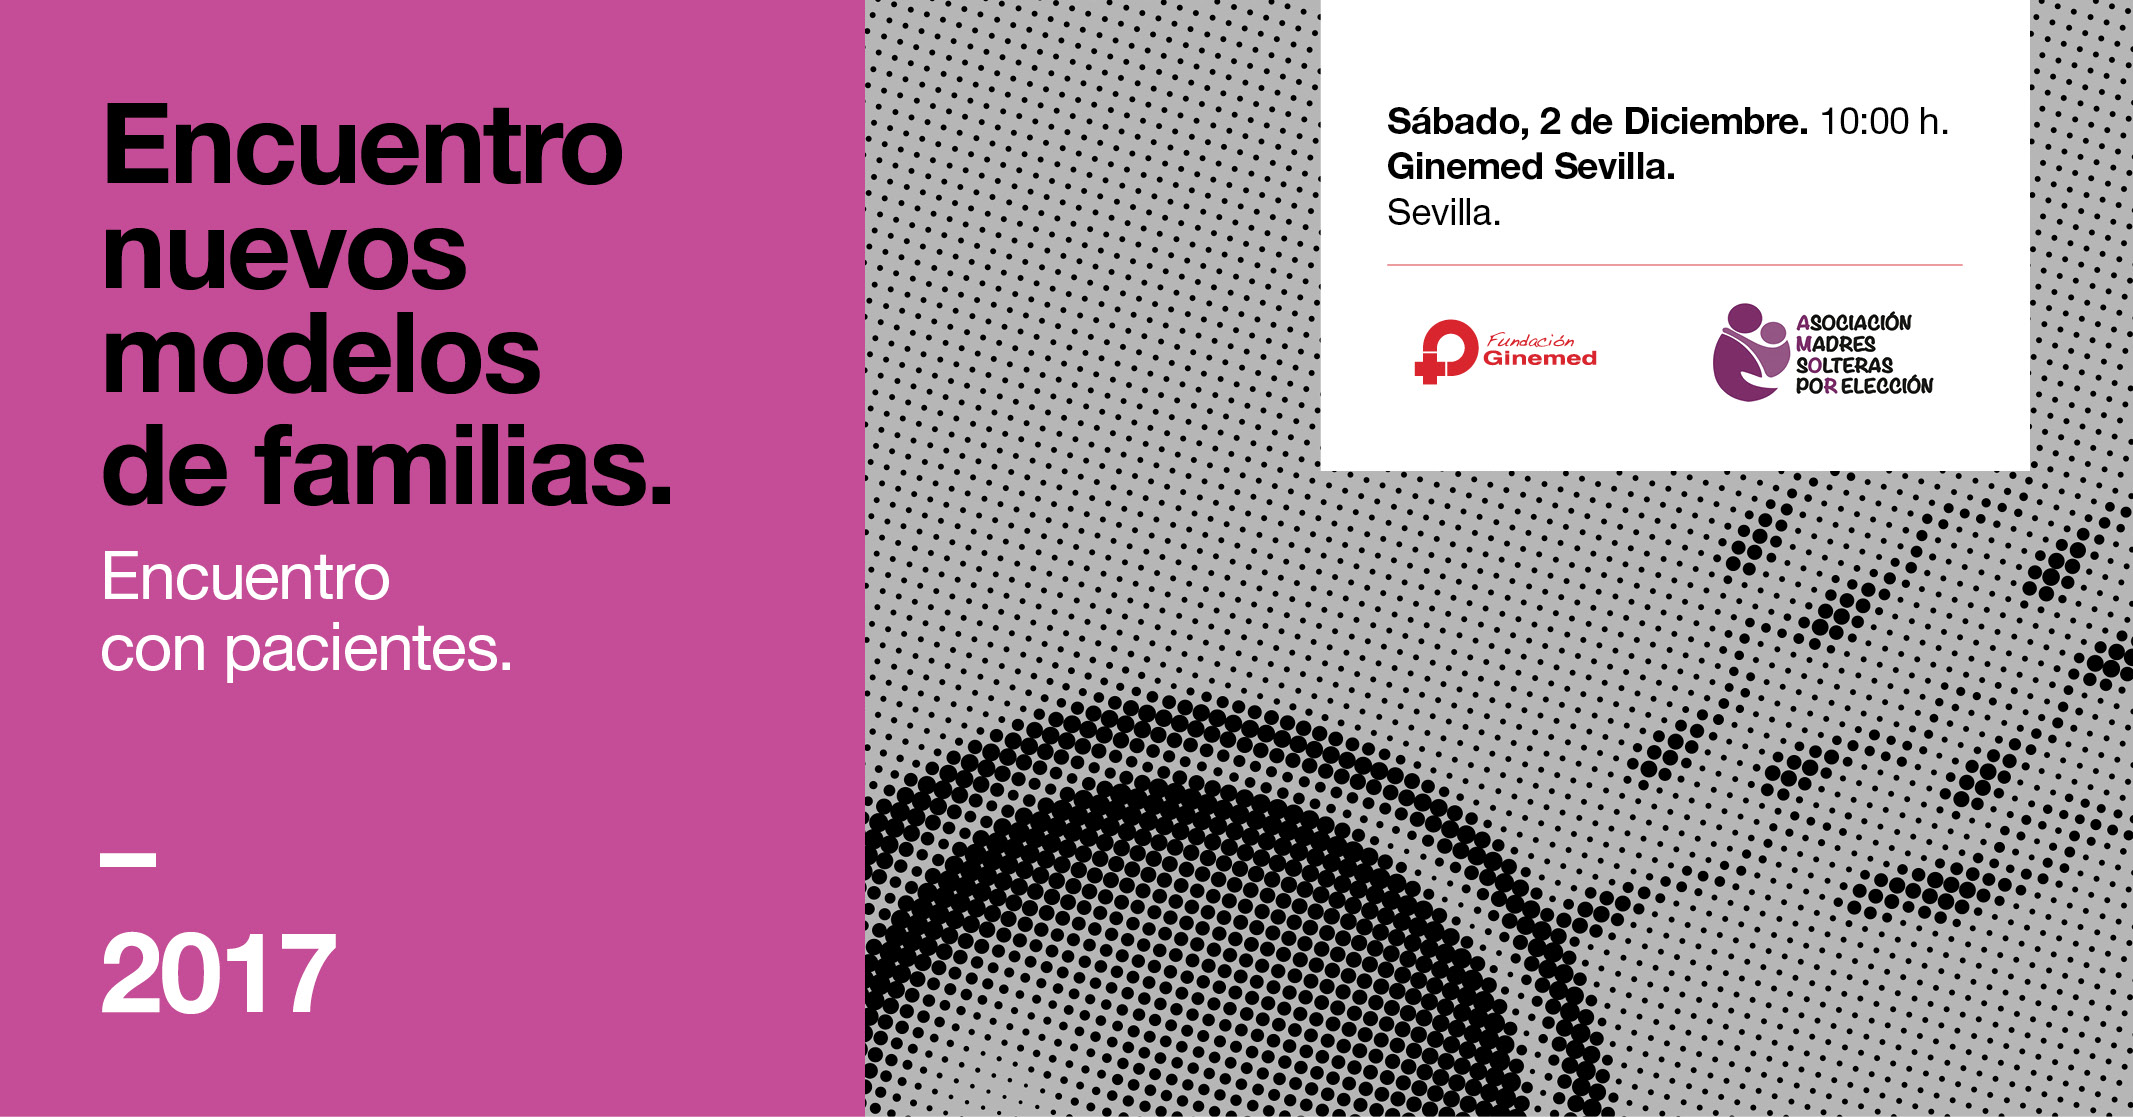 Ginemed Sevilla acogió un Encuentro con pacientes dedicado a familias monoparentales